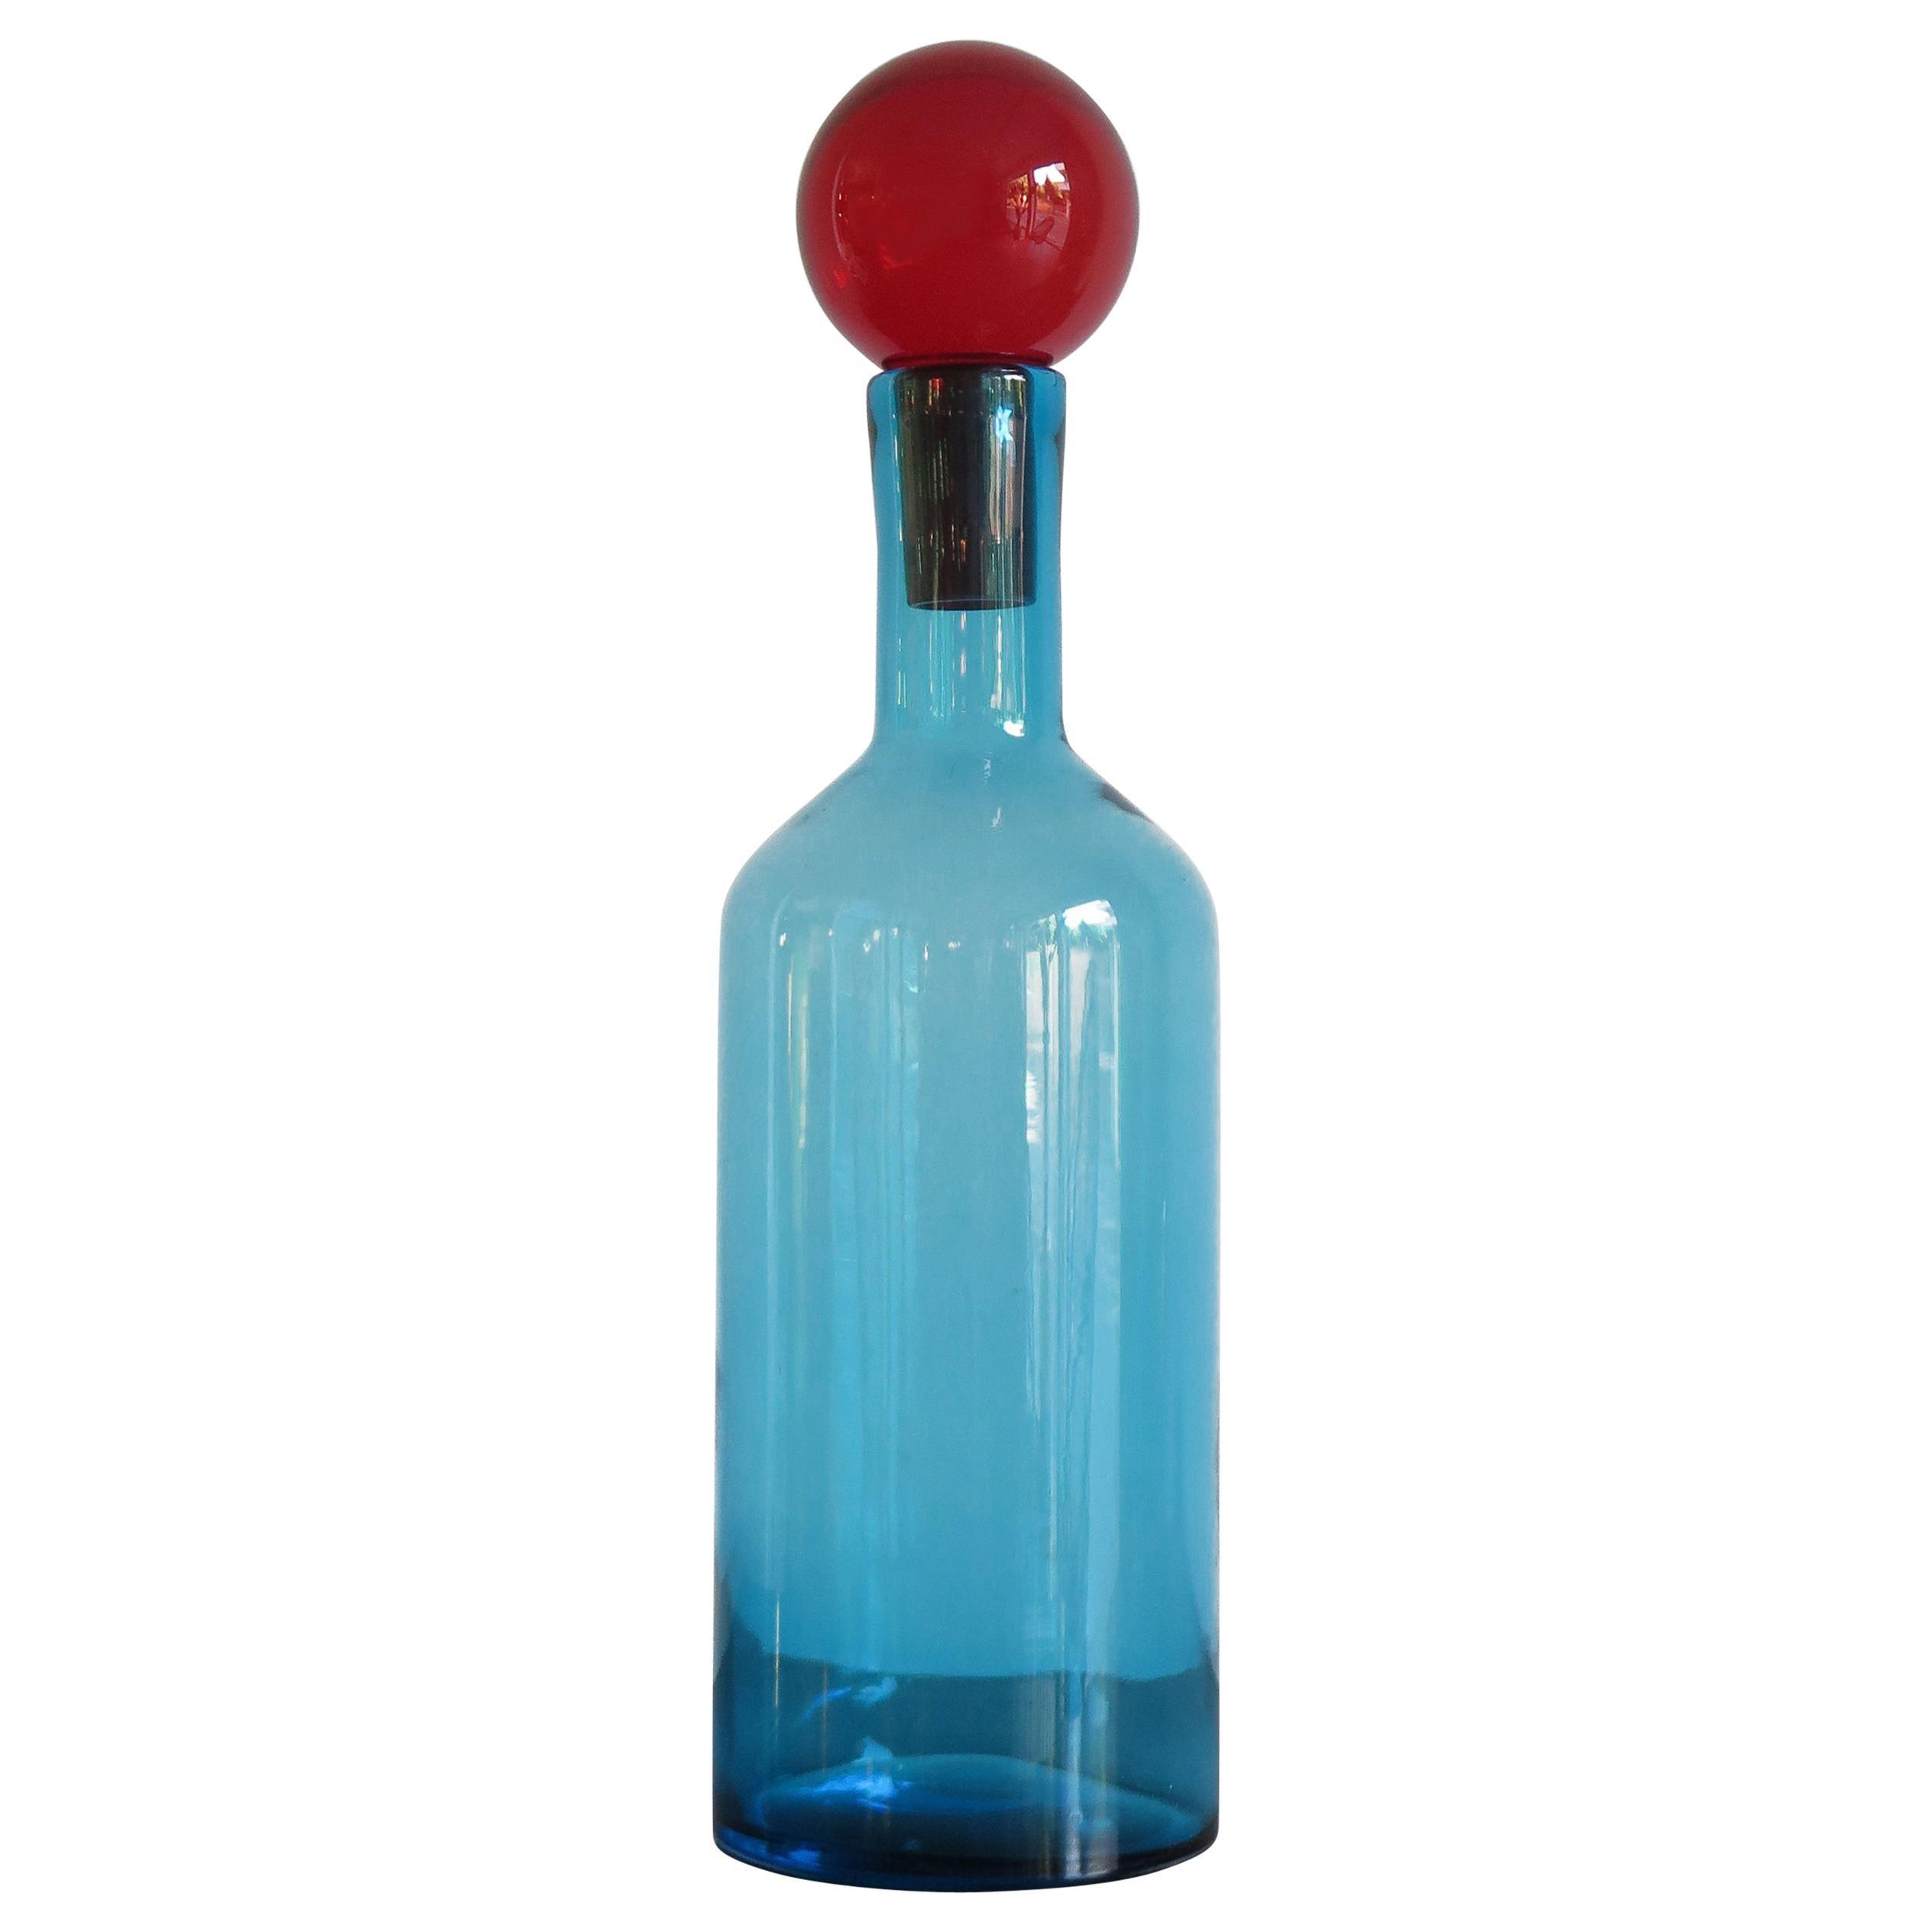 Murano Big Italian Modern Light Blue Blown Glass Bottle Vase, 2000s